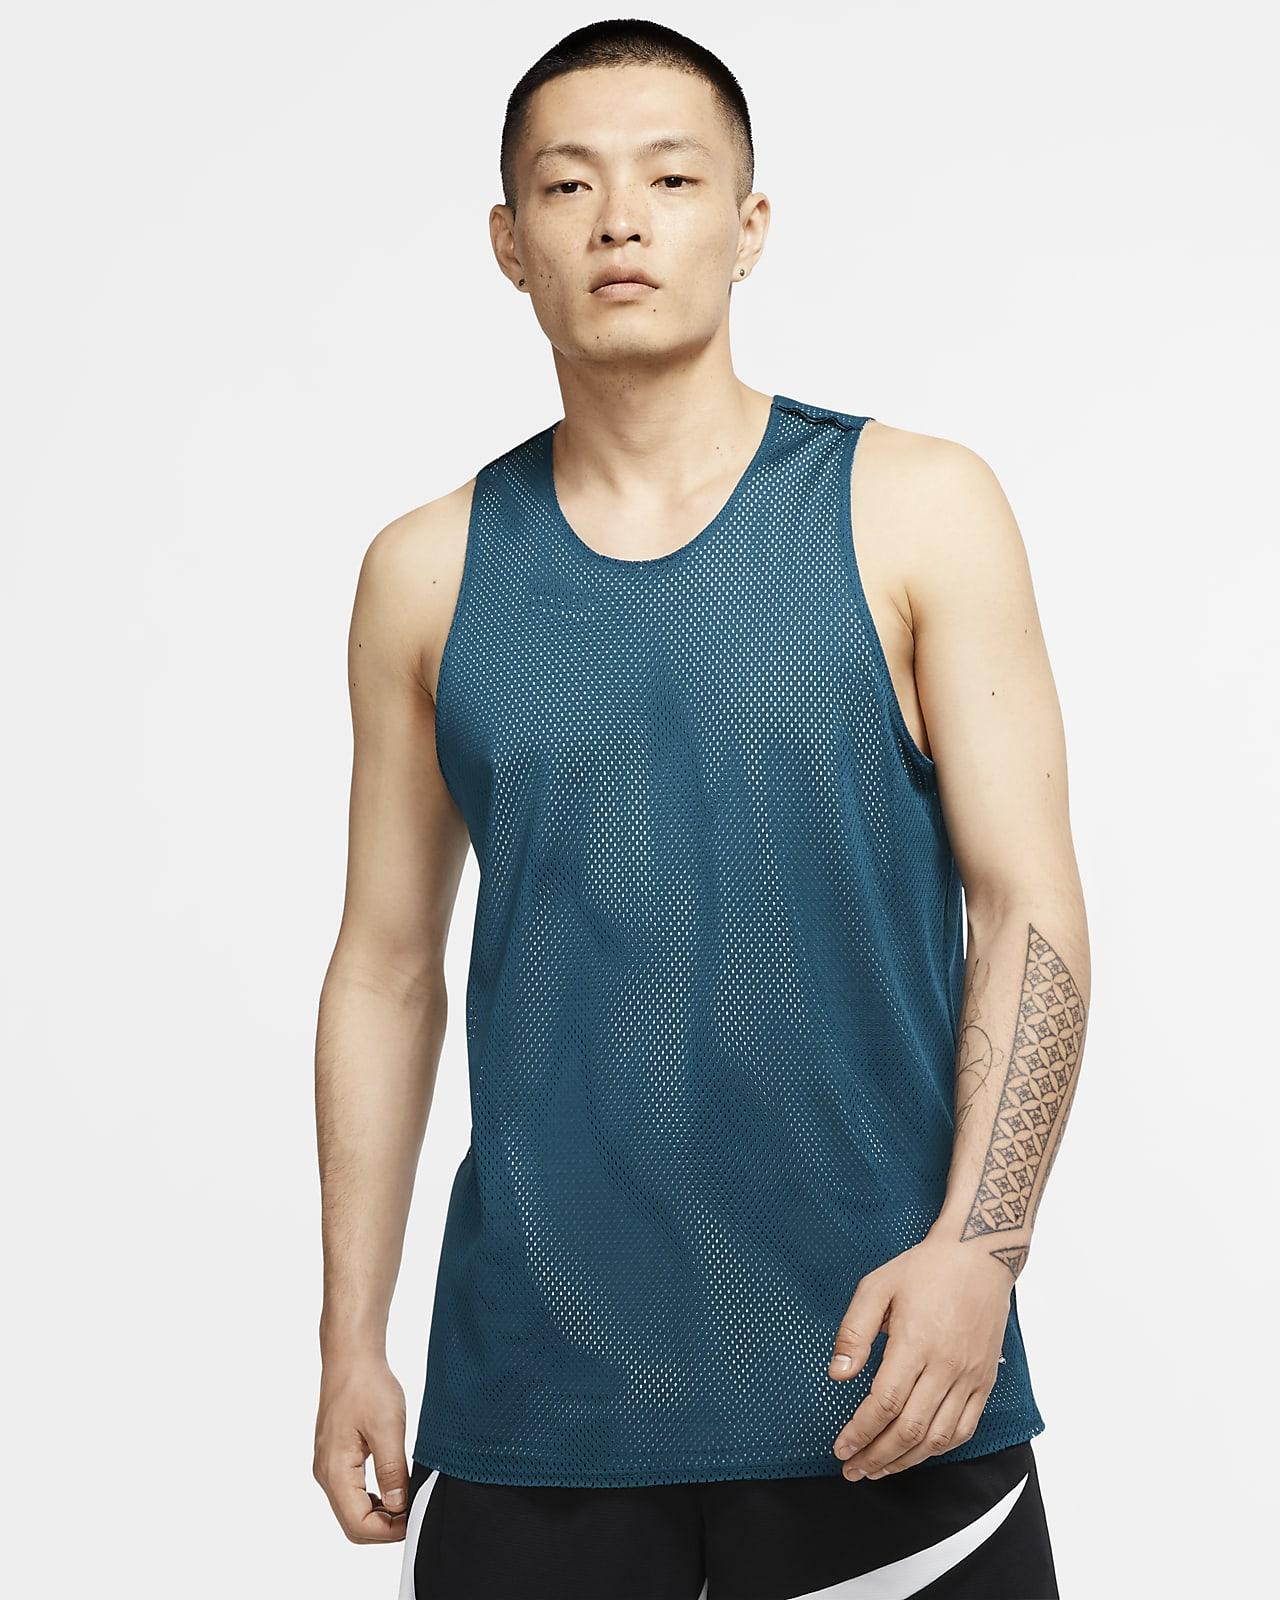 เสื้อบาสเก็ตบอลแขนกุดผู้ชาย Nike Dri-FIT KD